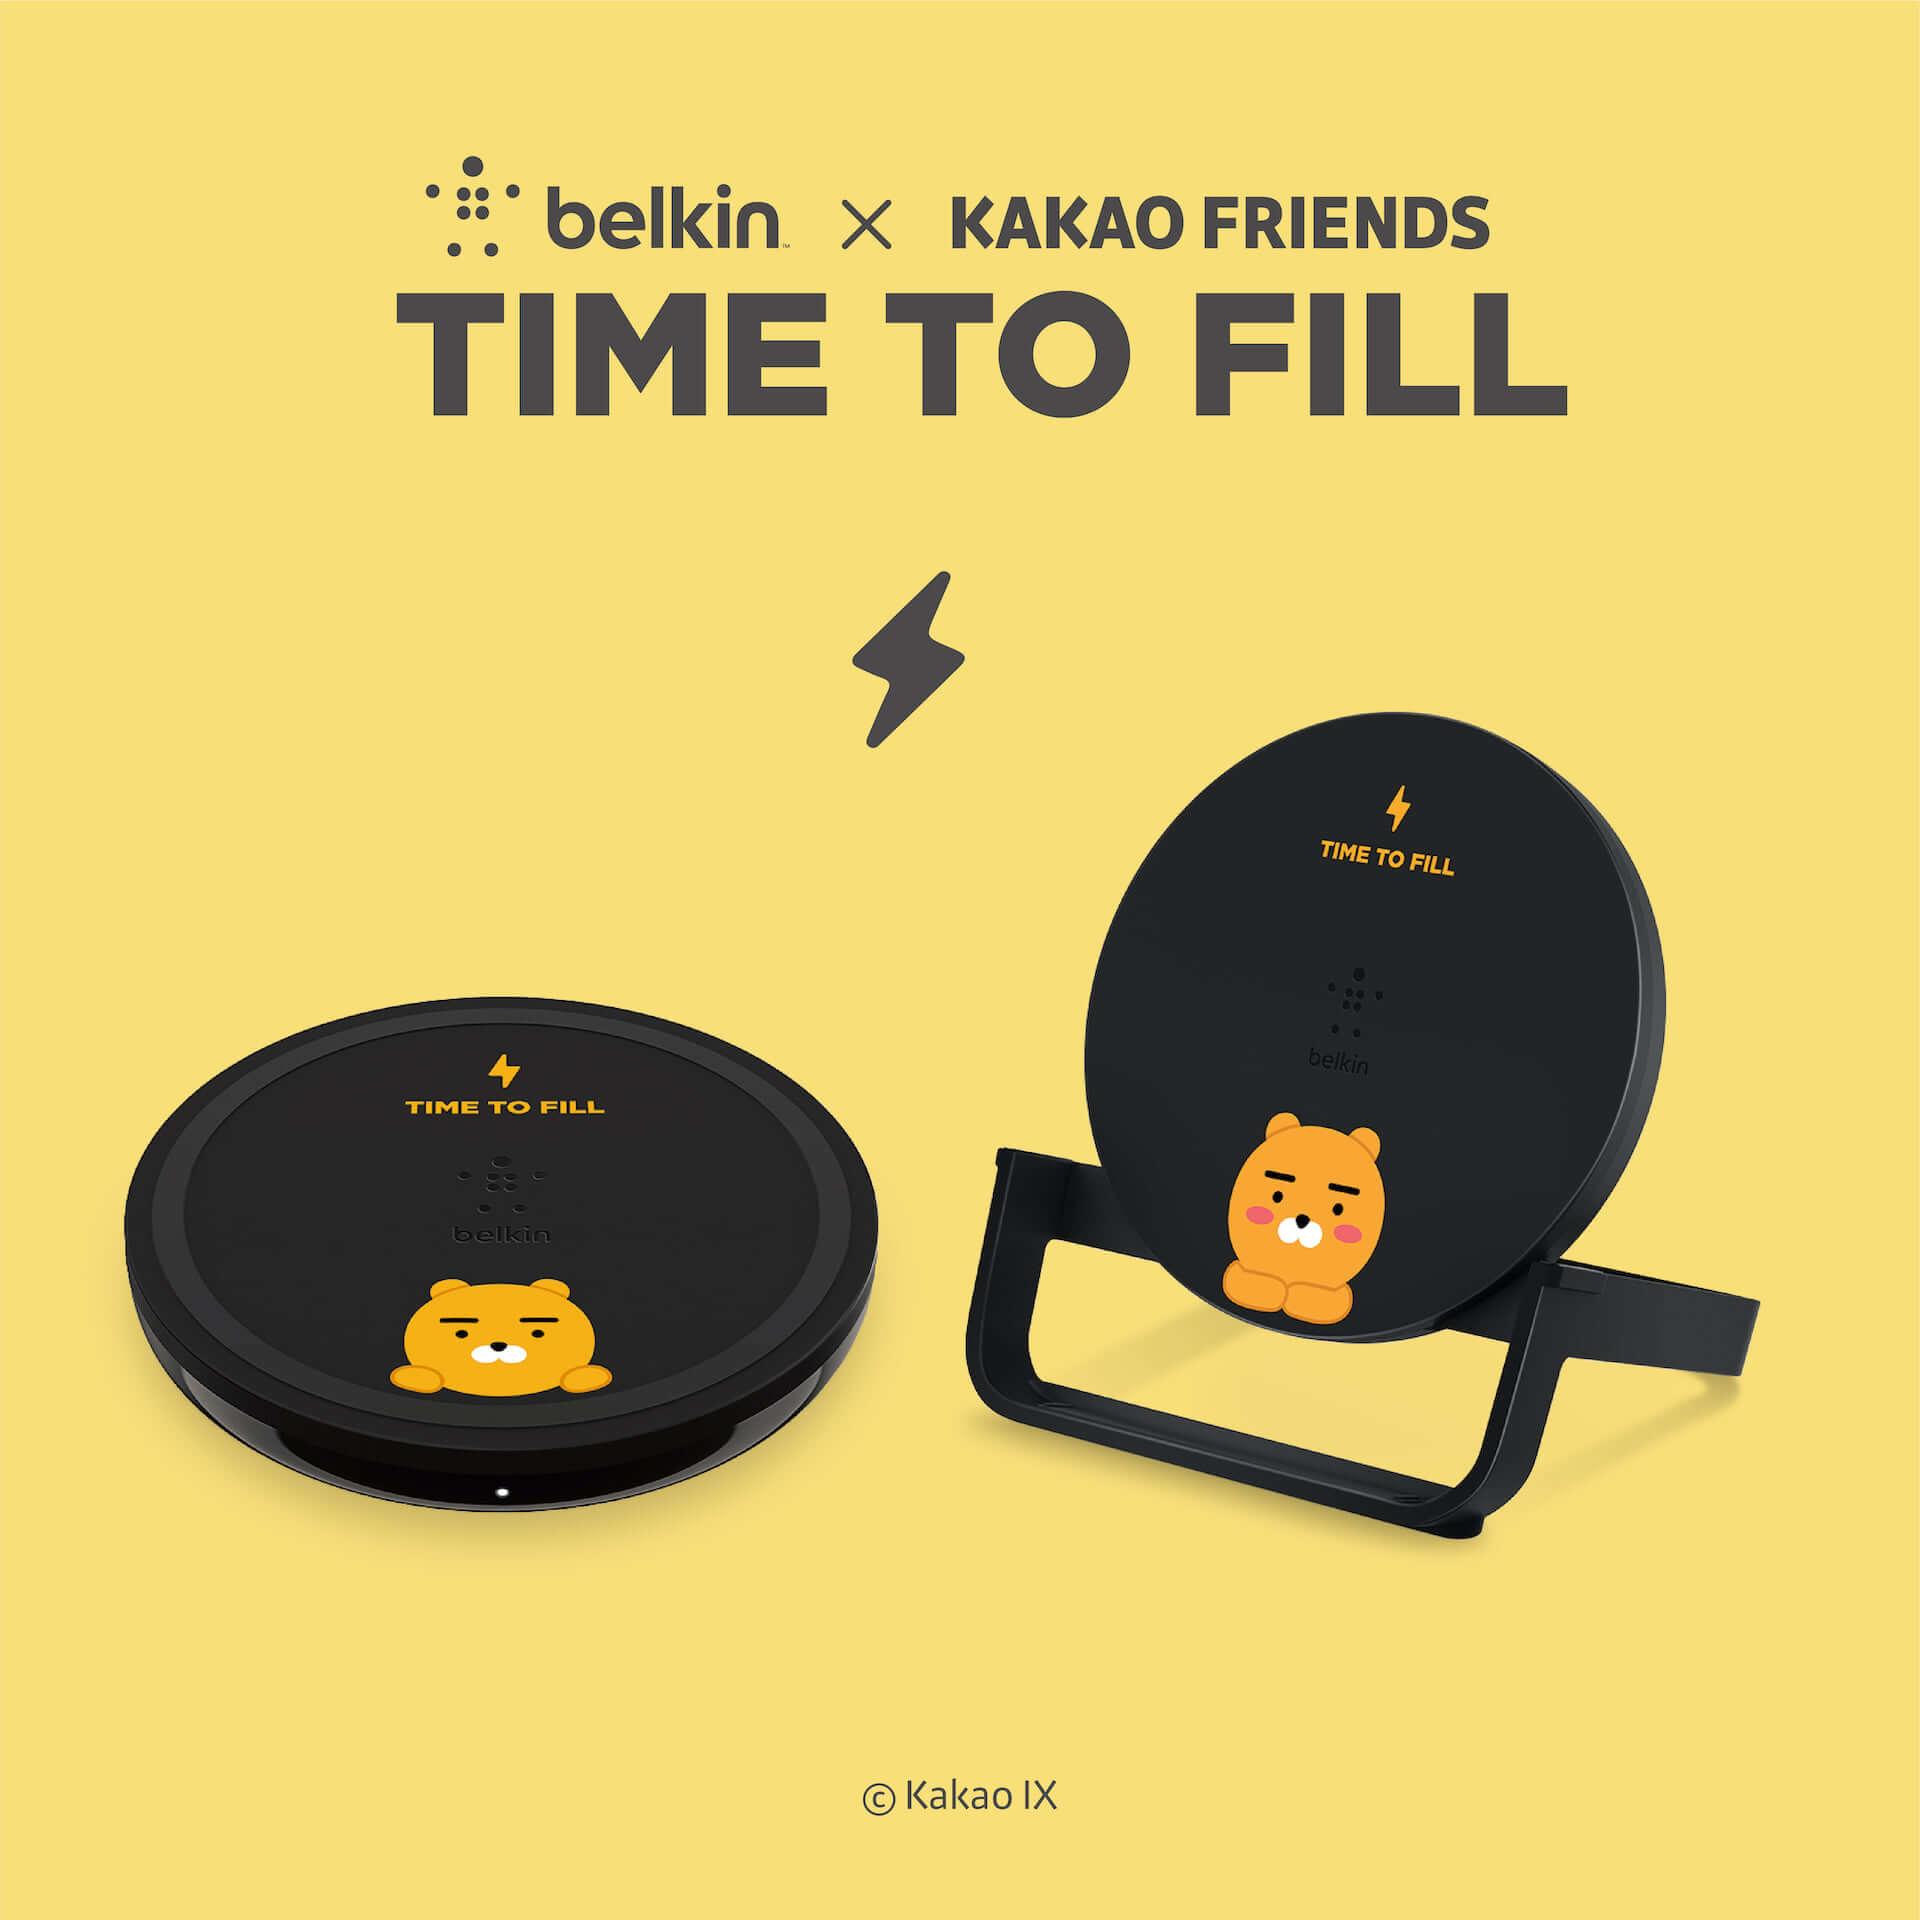 KAKAO FRIENDSとコラボしたワイヤレス充電器がベルキンから登場!ライアンとアピーチがデザインされたQi対応ワイヤレス充電器 tech200327_belkin_kakao_7-1920x1920